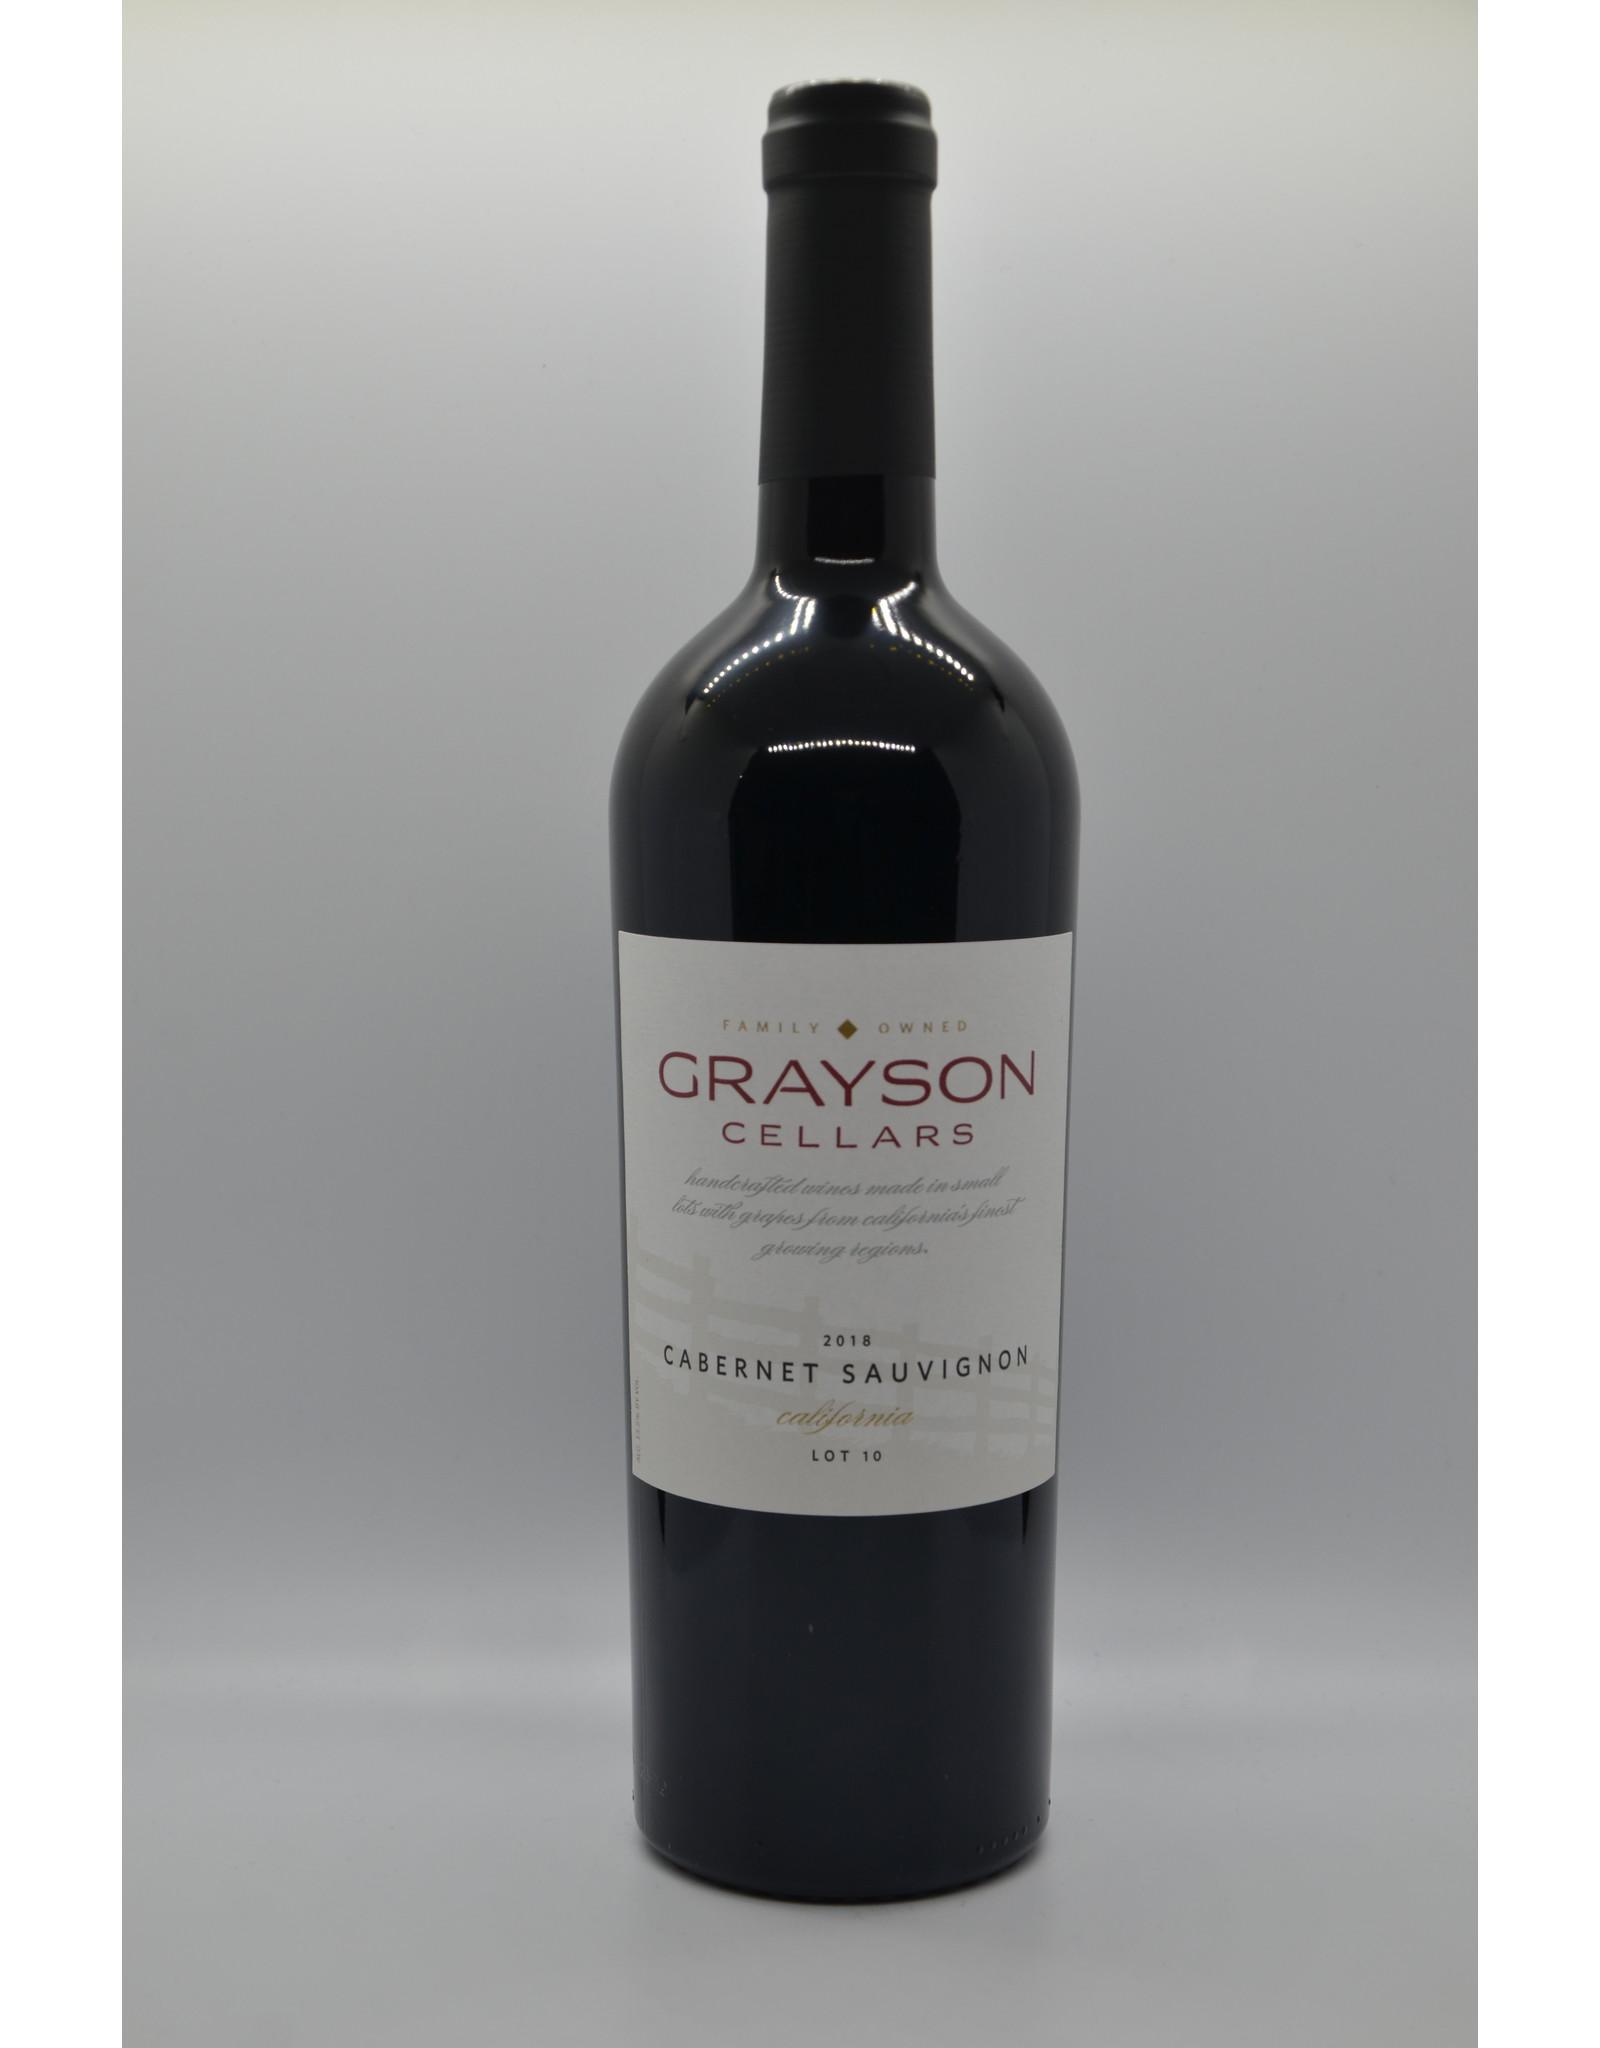 USA Grayson Cabernet Sauvignon